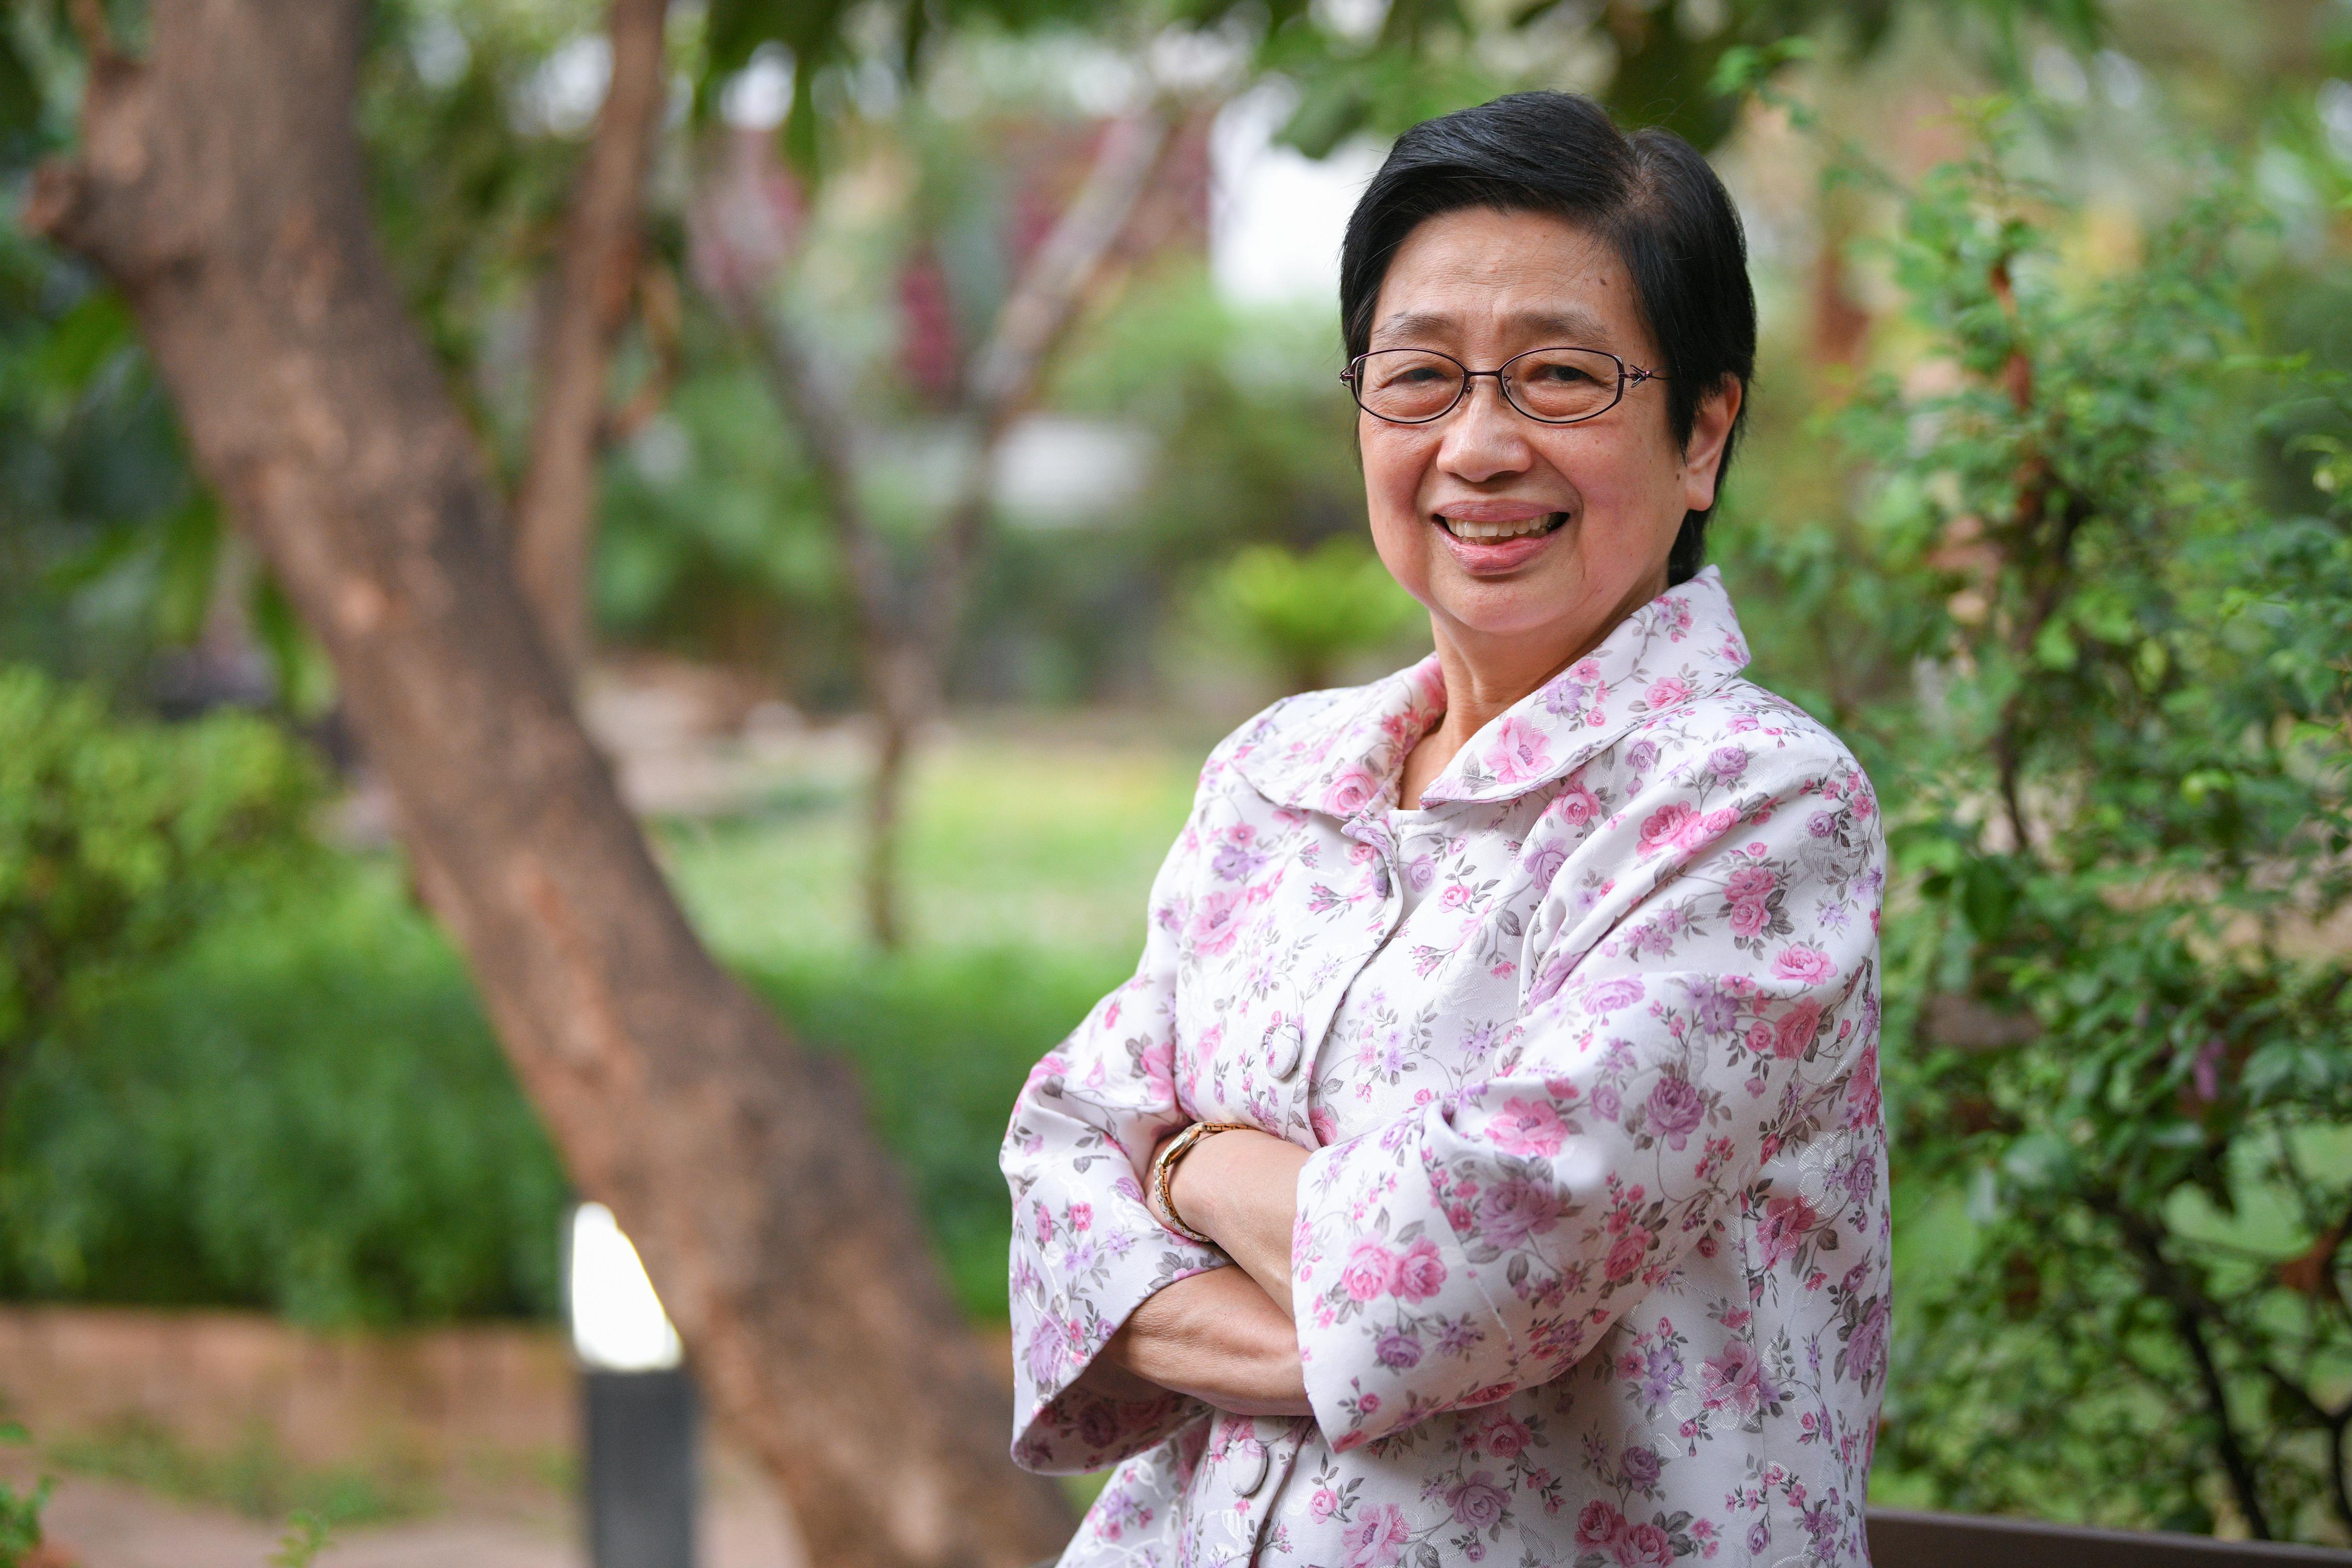 ดูแลผู้สูงวัย ช่วงโควิด-19 thaihealth